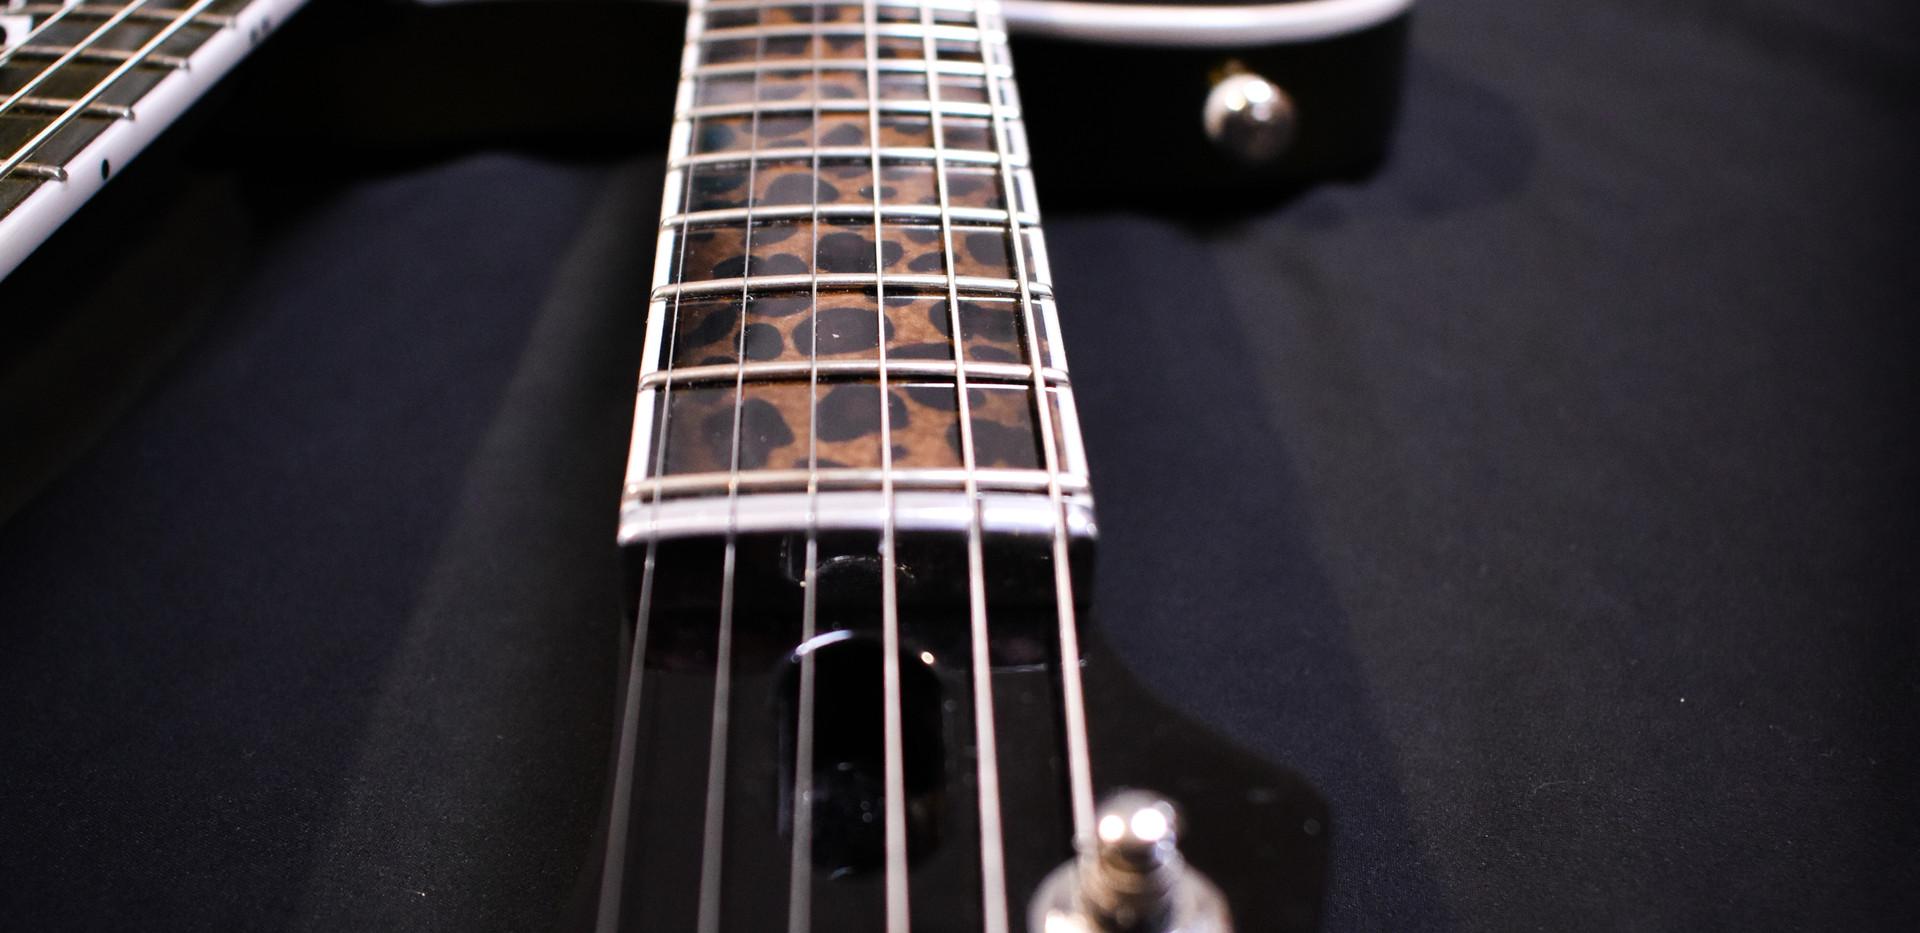 Guitar-27v2.jpg